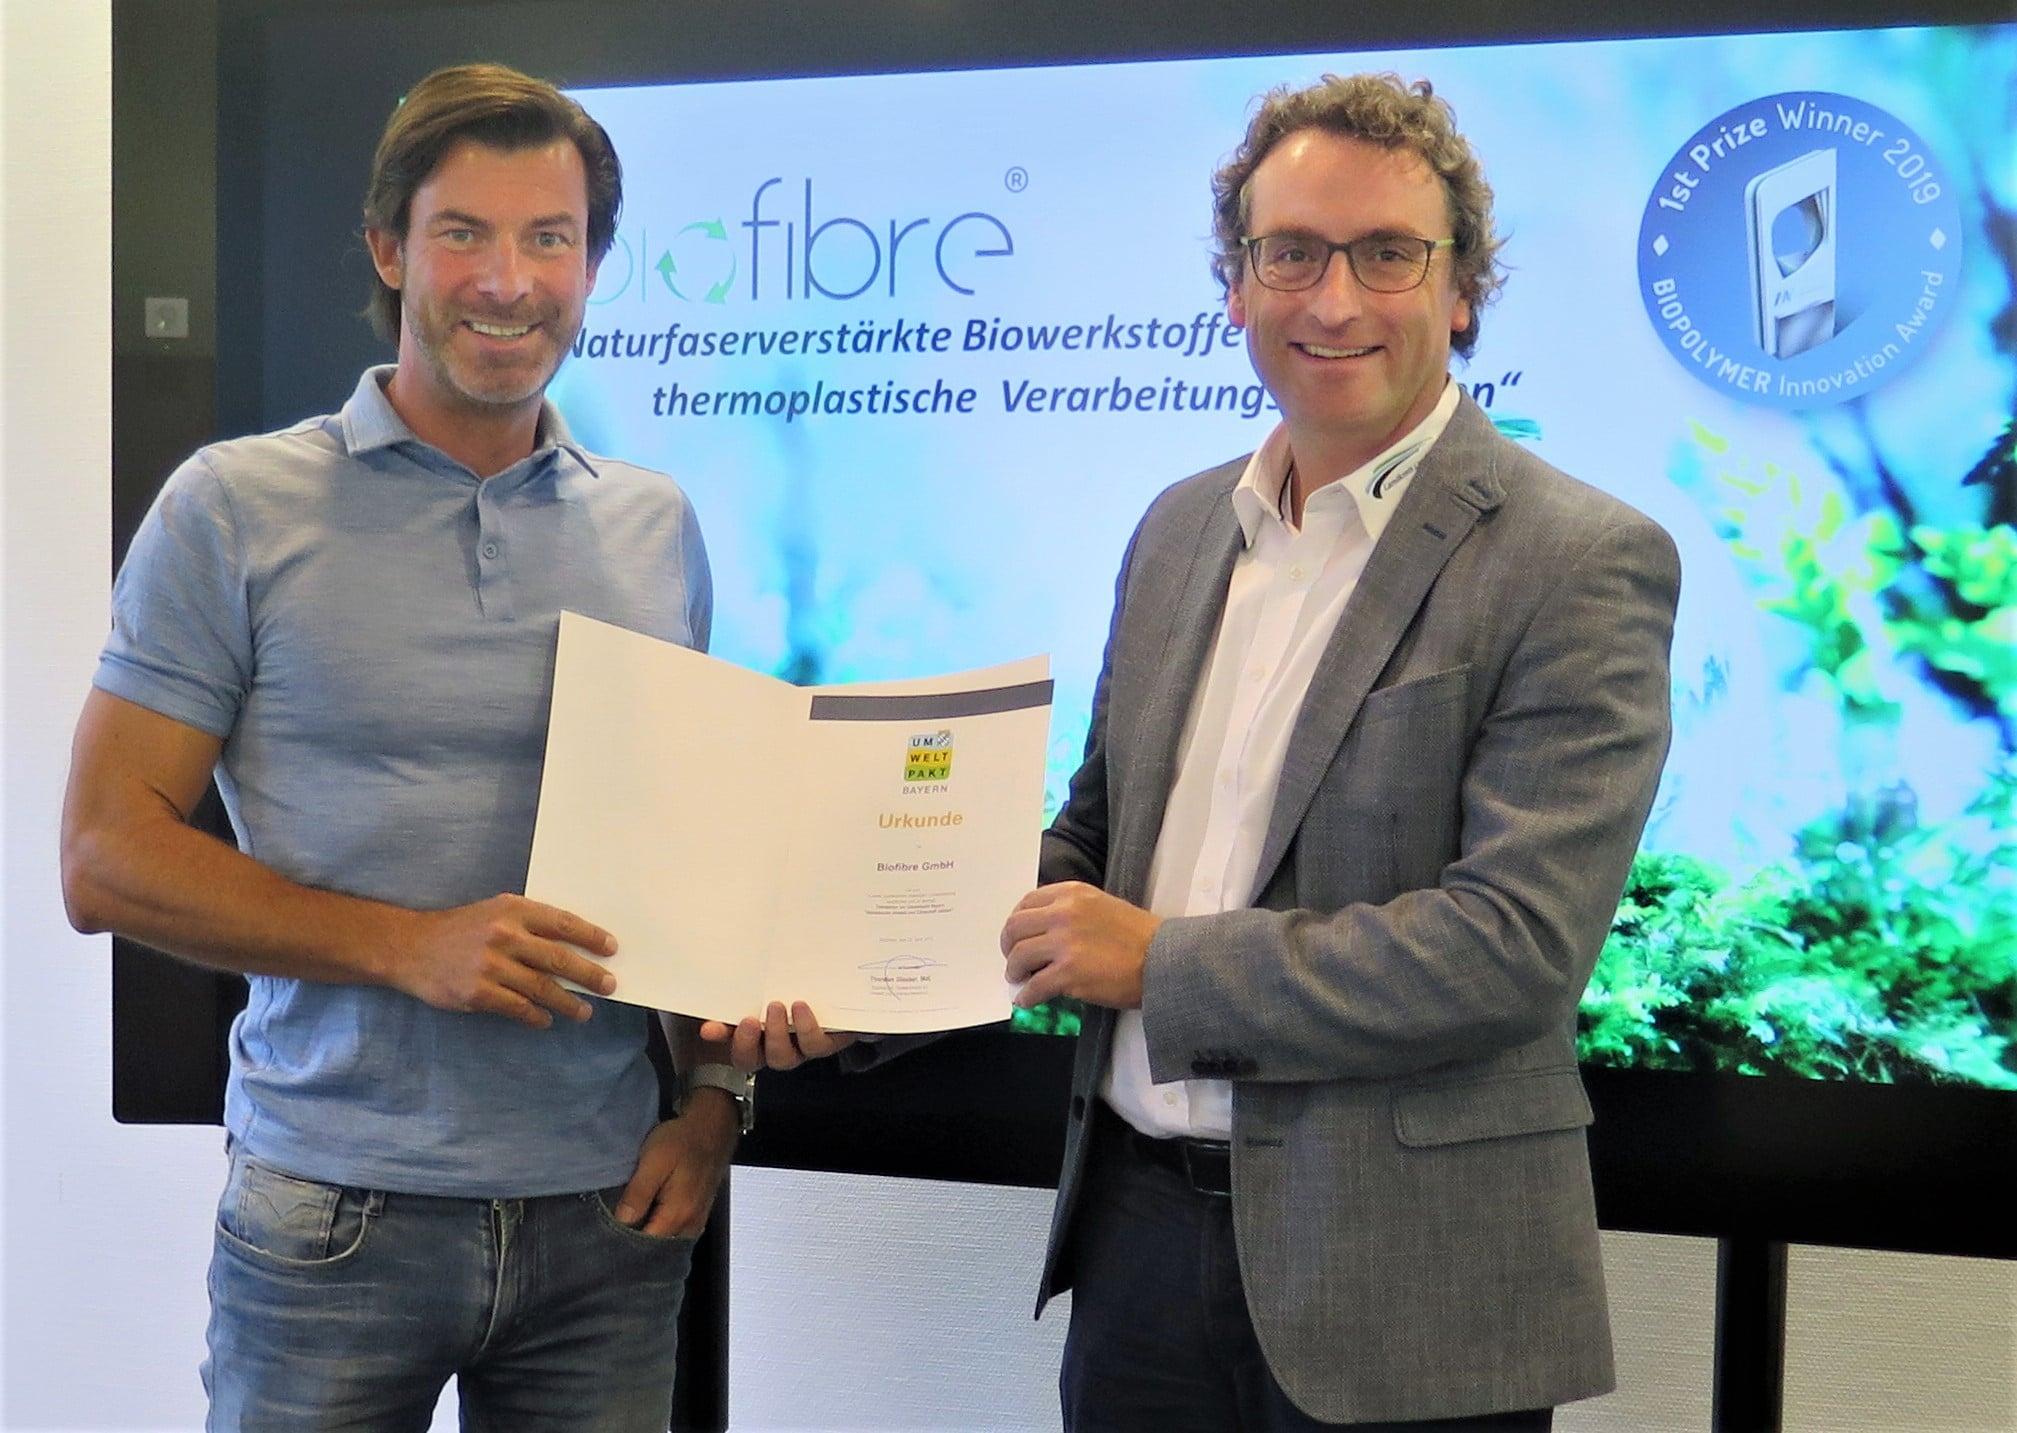 Biofibre-Umweltpakt (2) Christoph Glammert